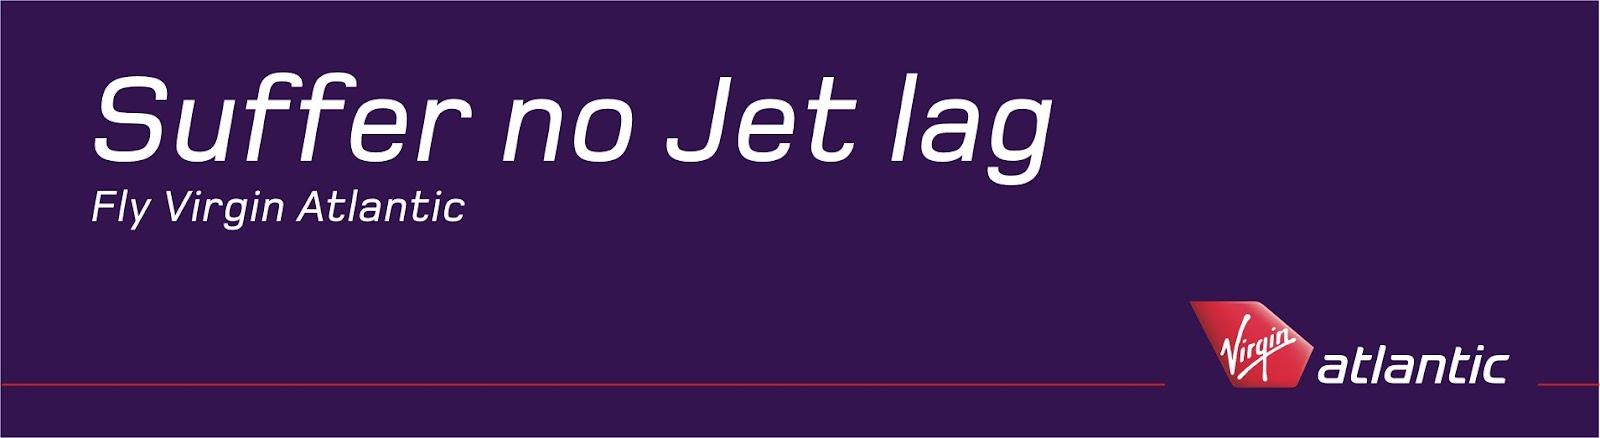 Virgin atlantic on jet airways pilots strike my favourite ones